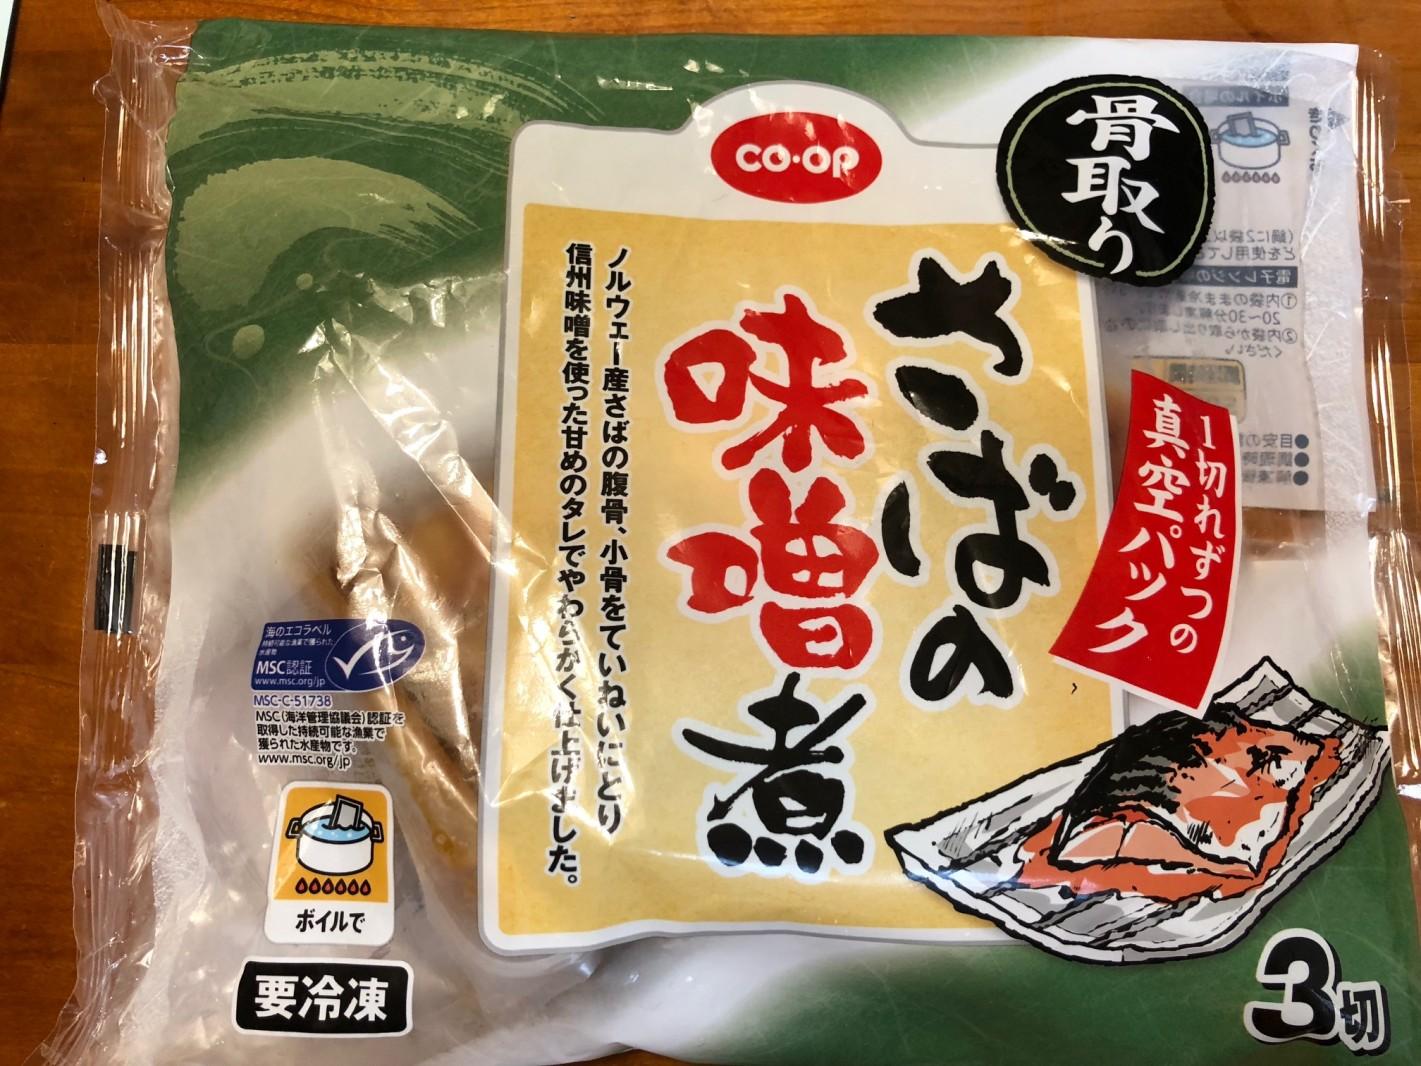 生協が一歩先に育てたエコラベルヒット商品、さば味噌!!